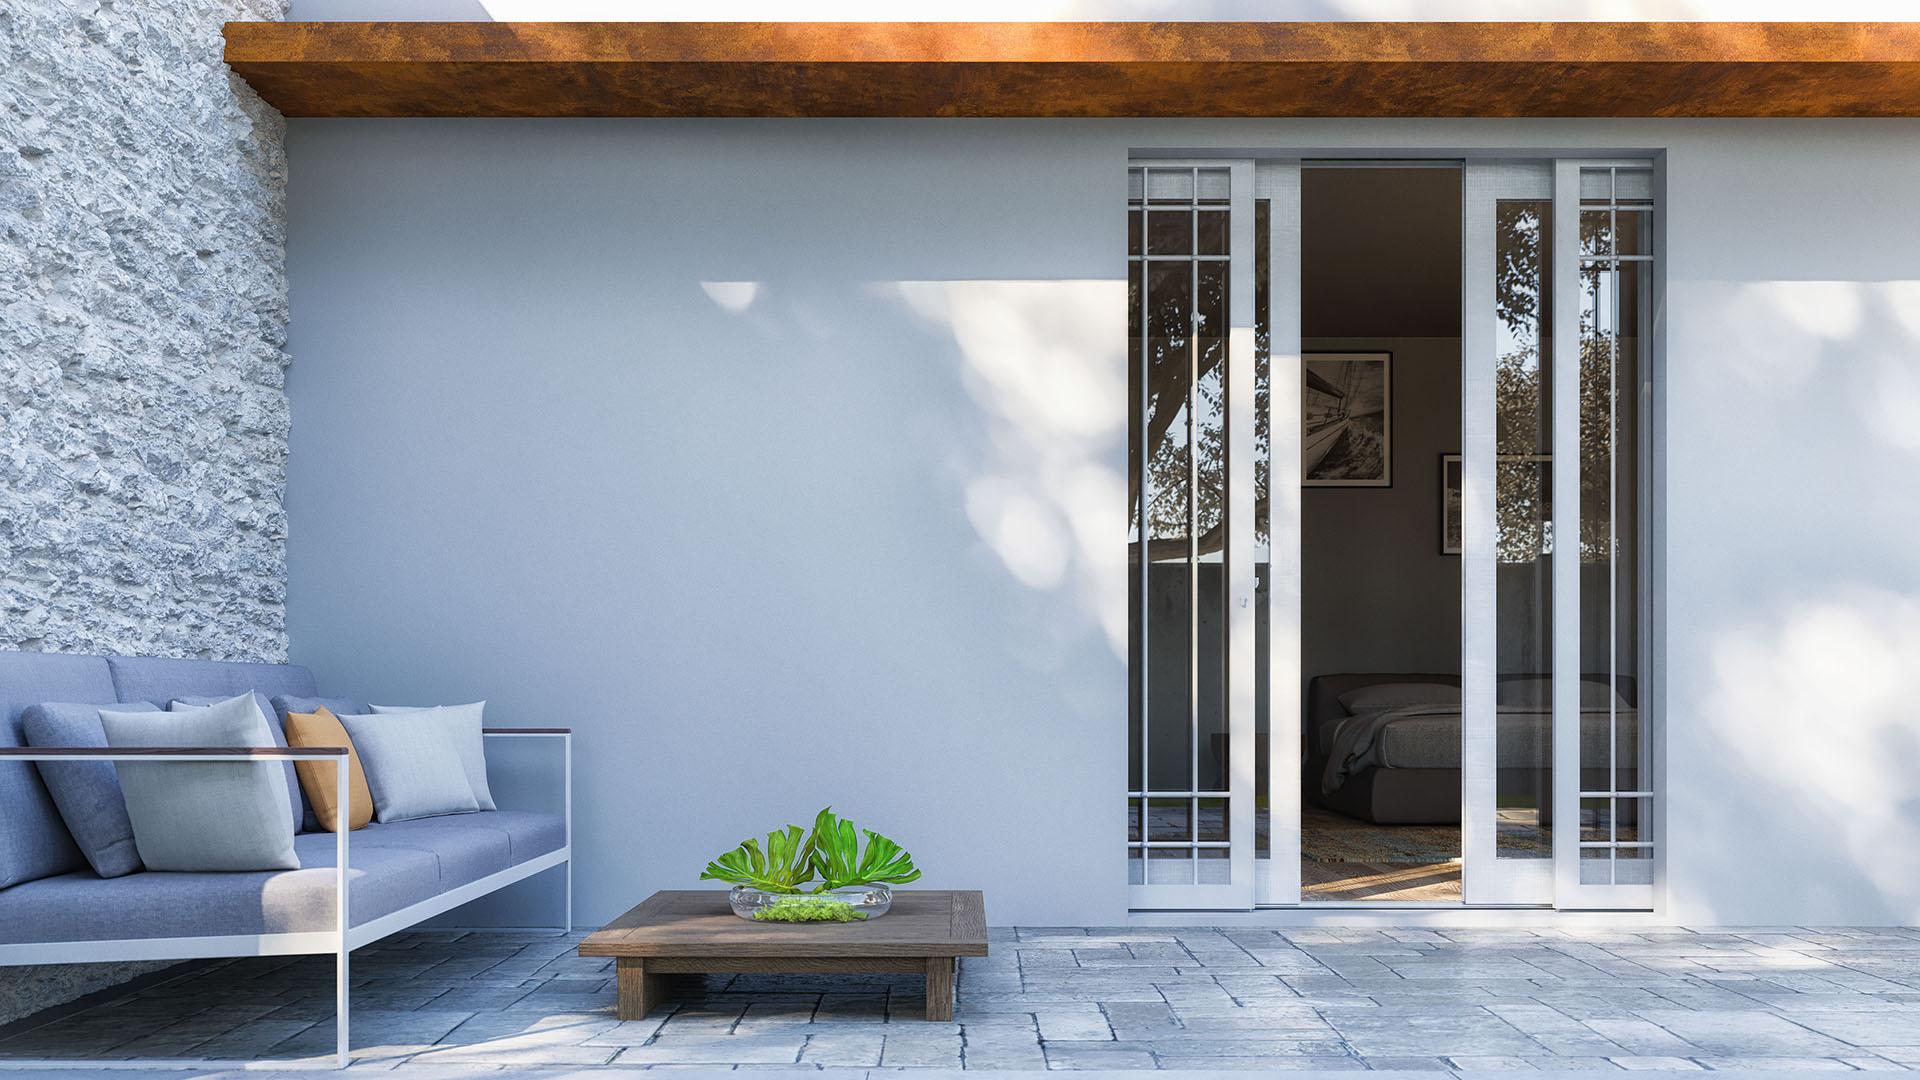 Maxima - Controtelaio per muratura esterna per infisso interno e grata o persiana esterna